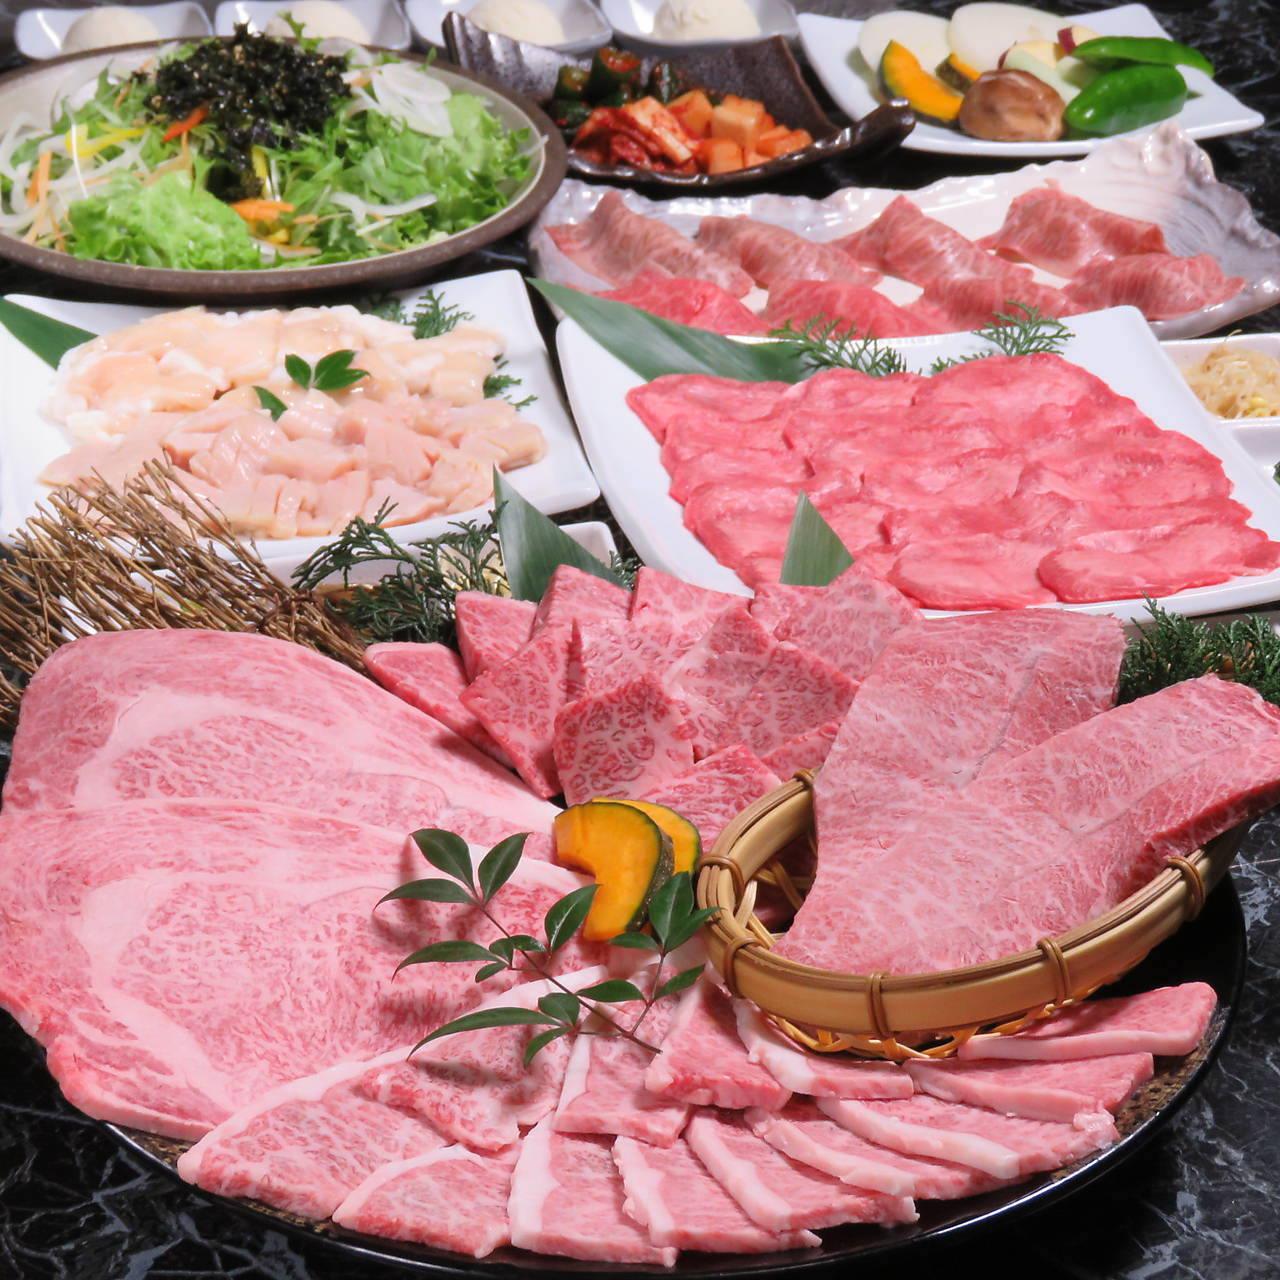 【宴会×飲み会】大人気炙り寿司に特選肉盛りも楽しめる贅沢コース《飲み放題付き》「7,300円コース」